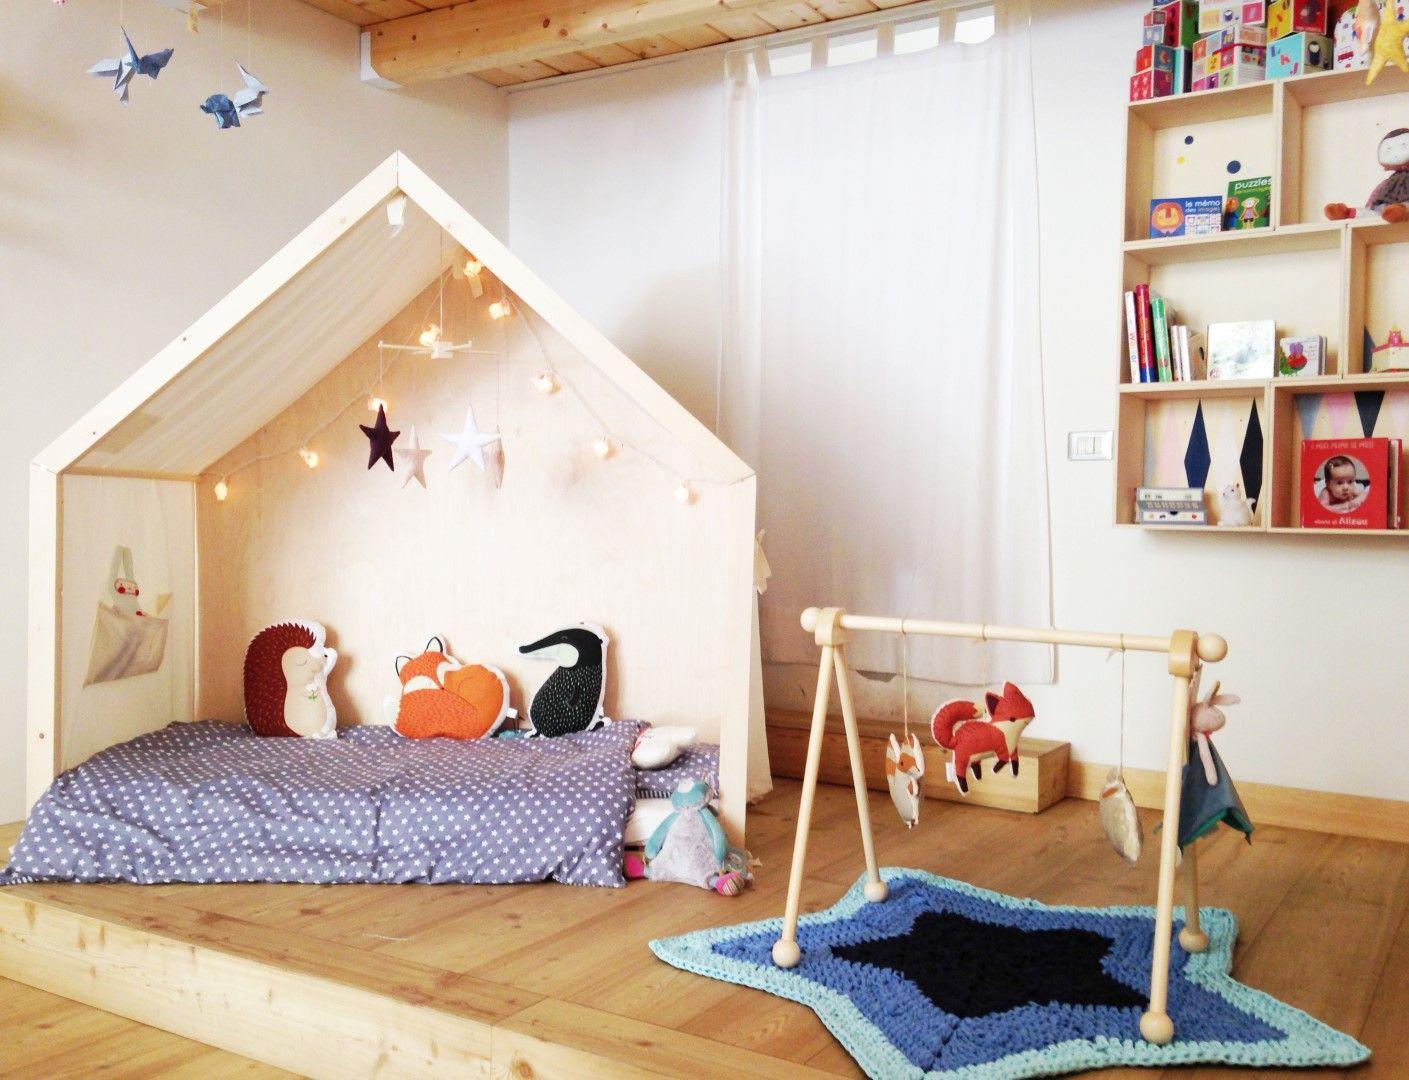 Oltre 1000 idee su Camera Da Letto Per Bambino su Pinterest ...